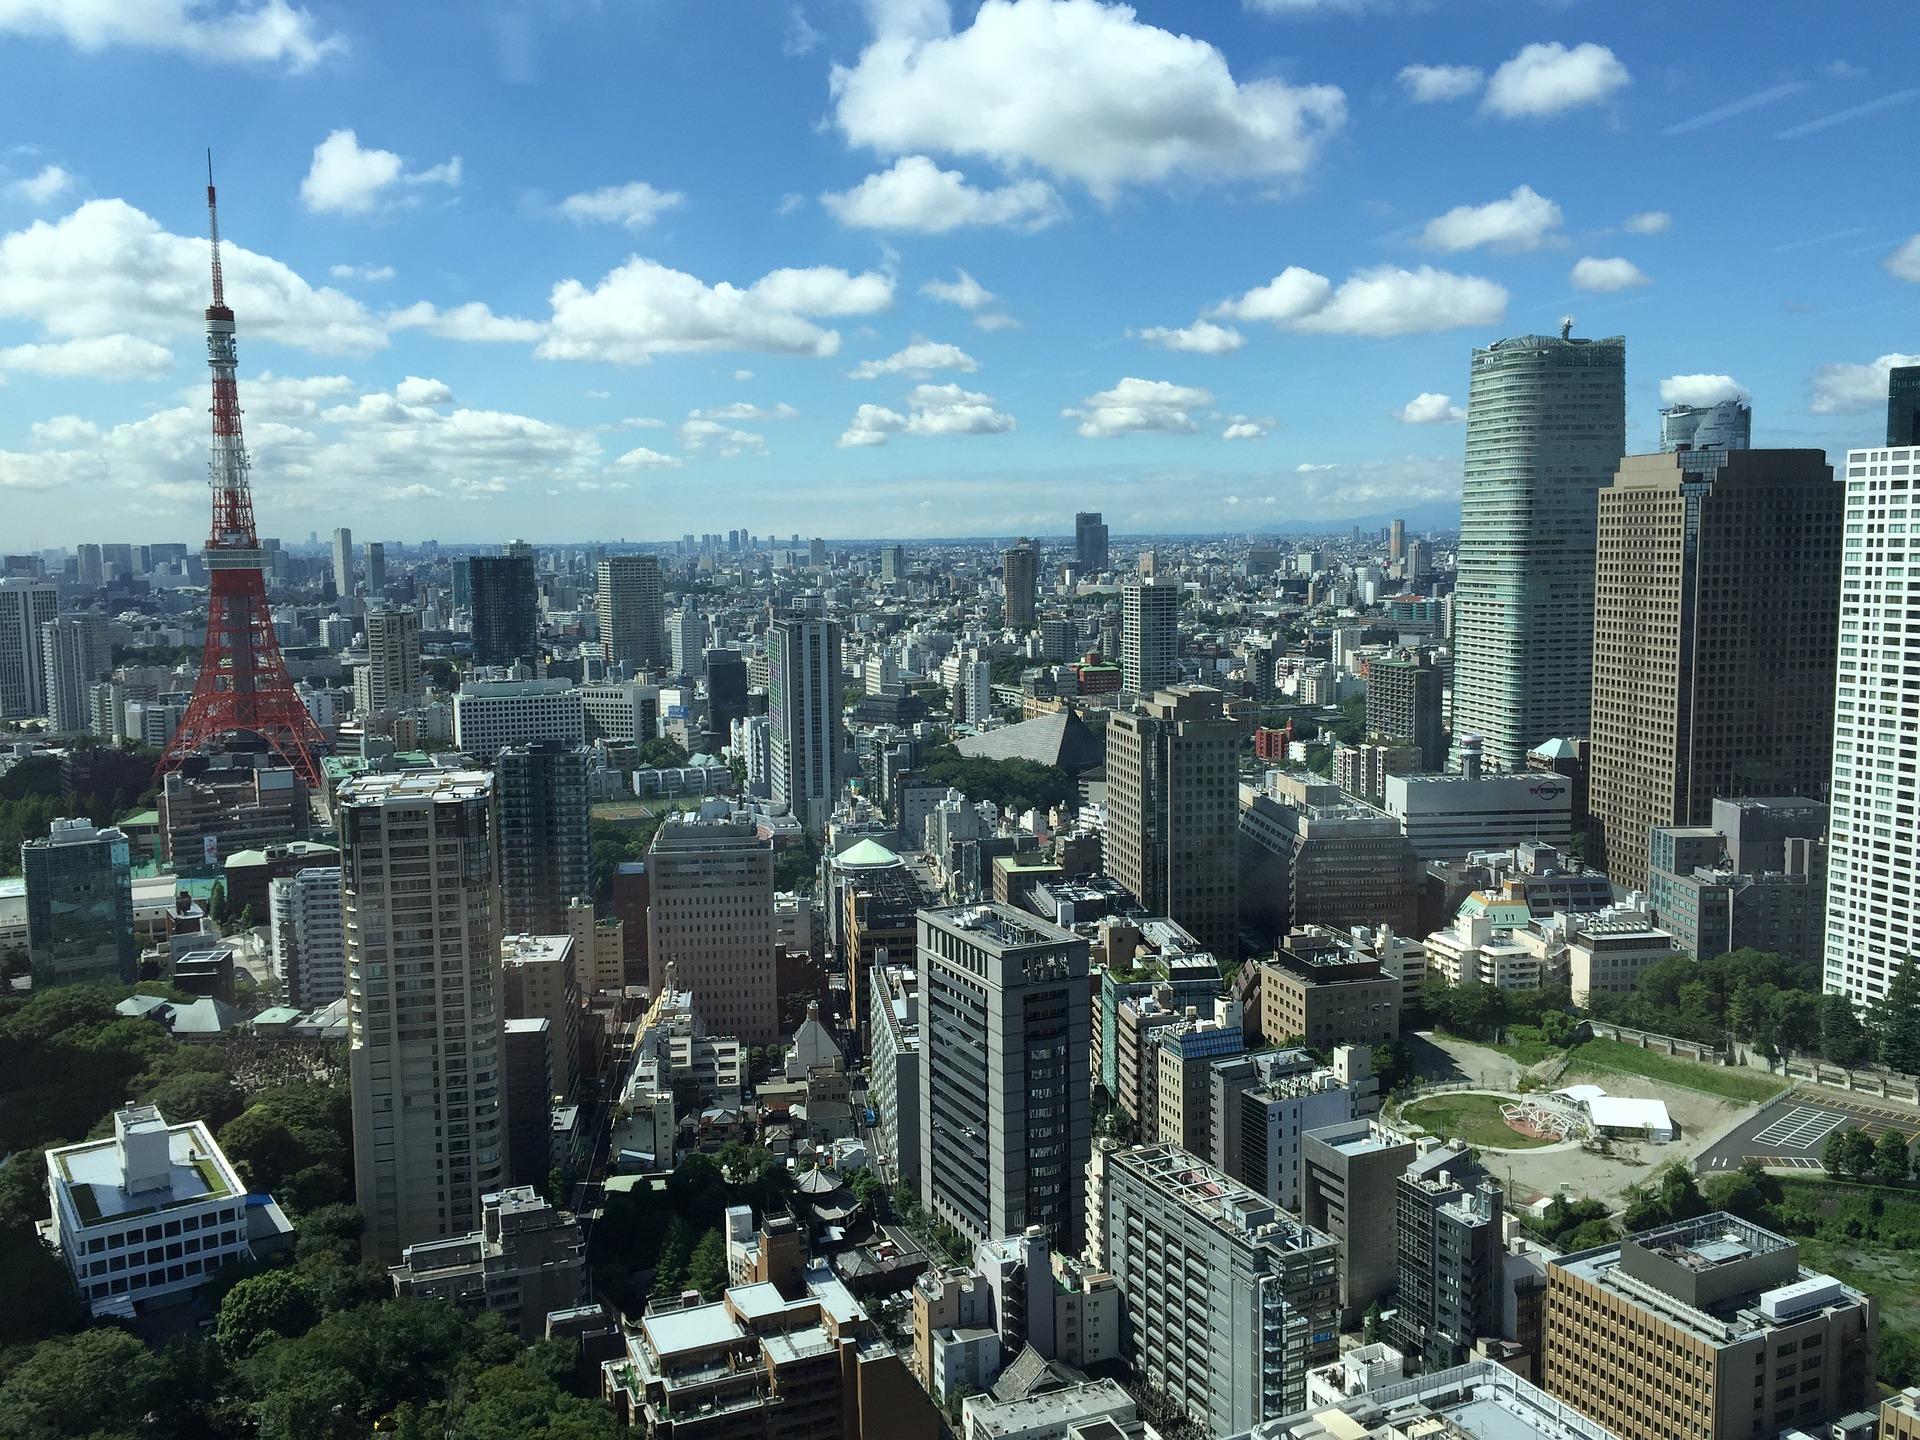 東京の景色オフィス街